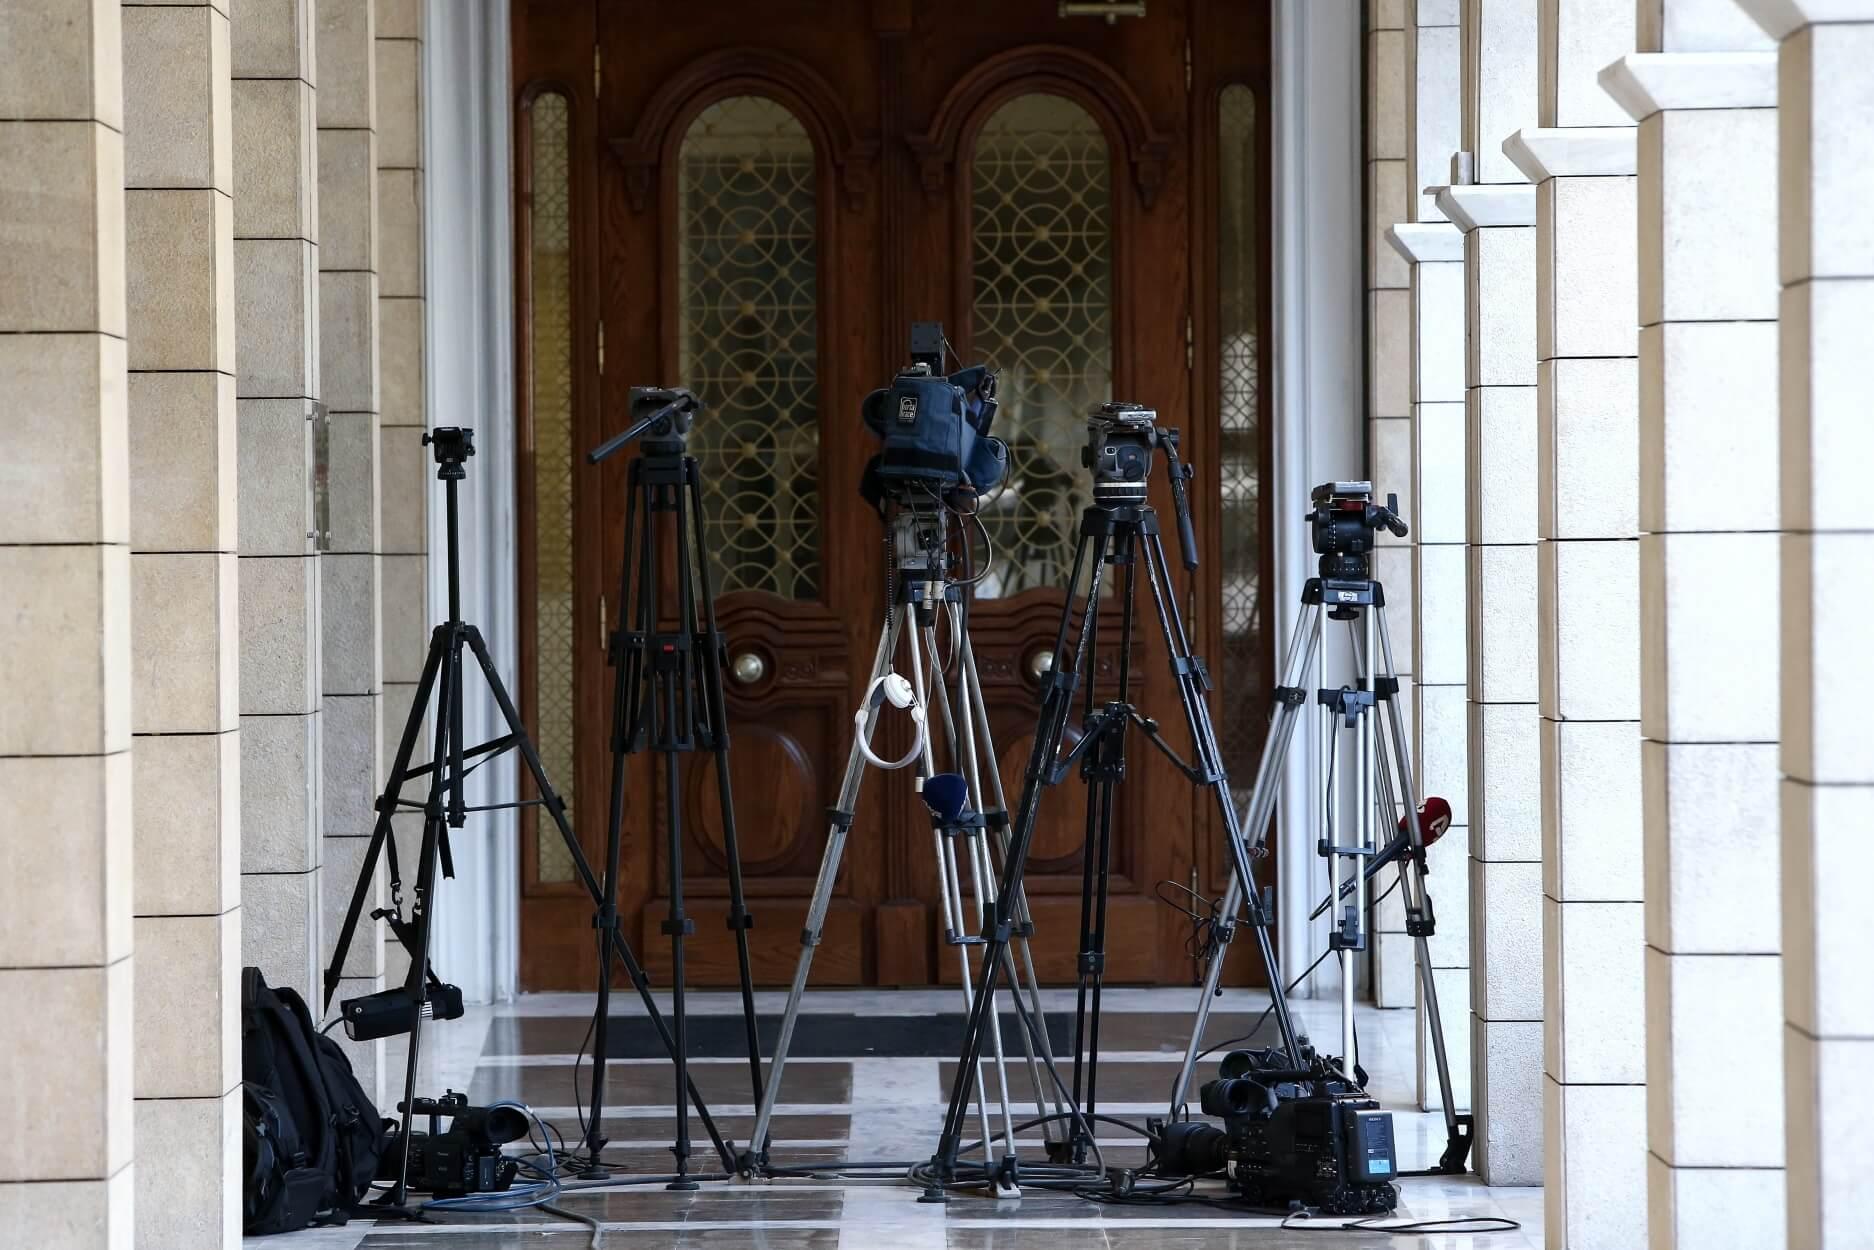 Γραμματέας κόμματος πρωταγωνιστεί σε ταινία | Newsit.gr